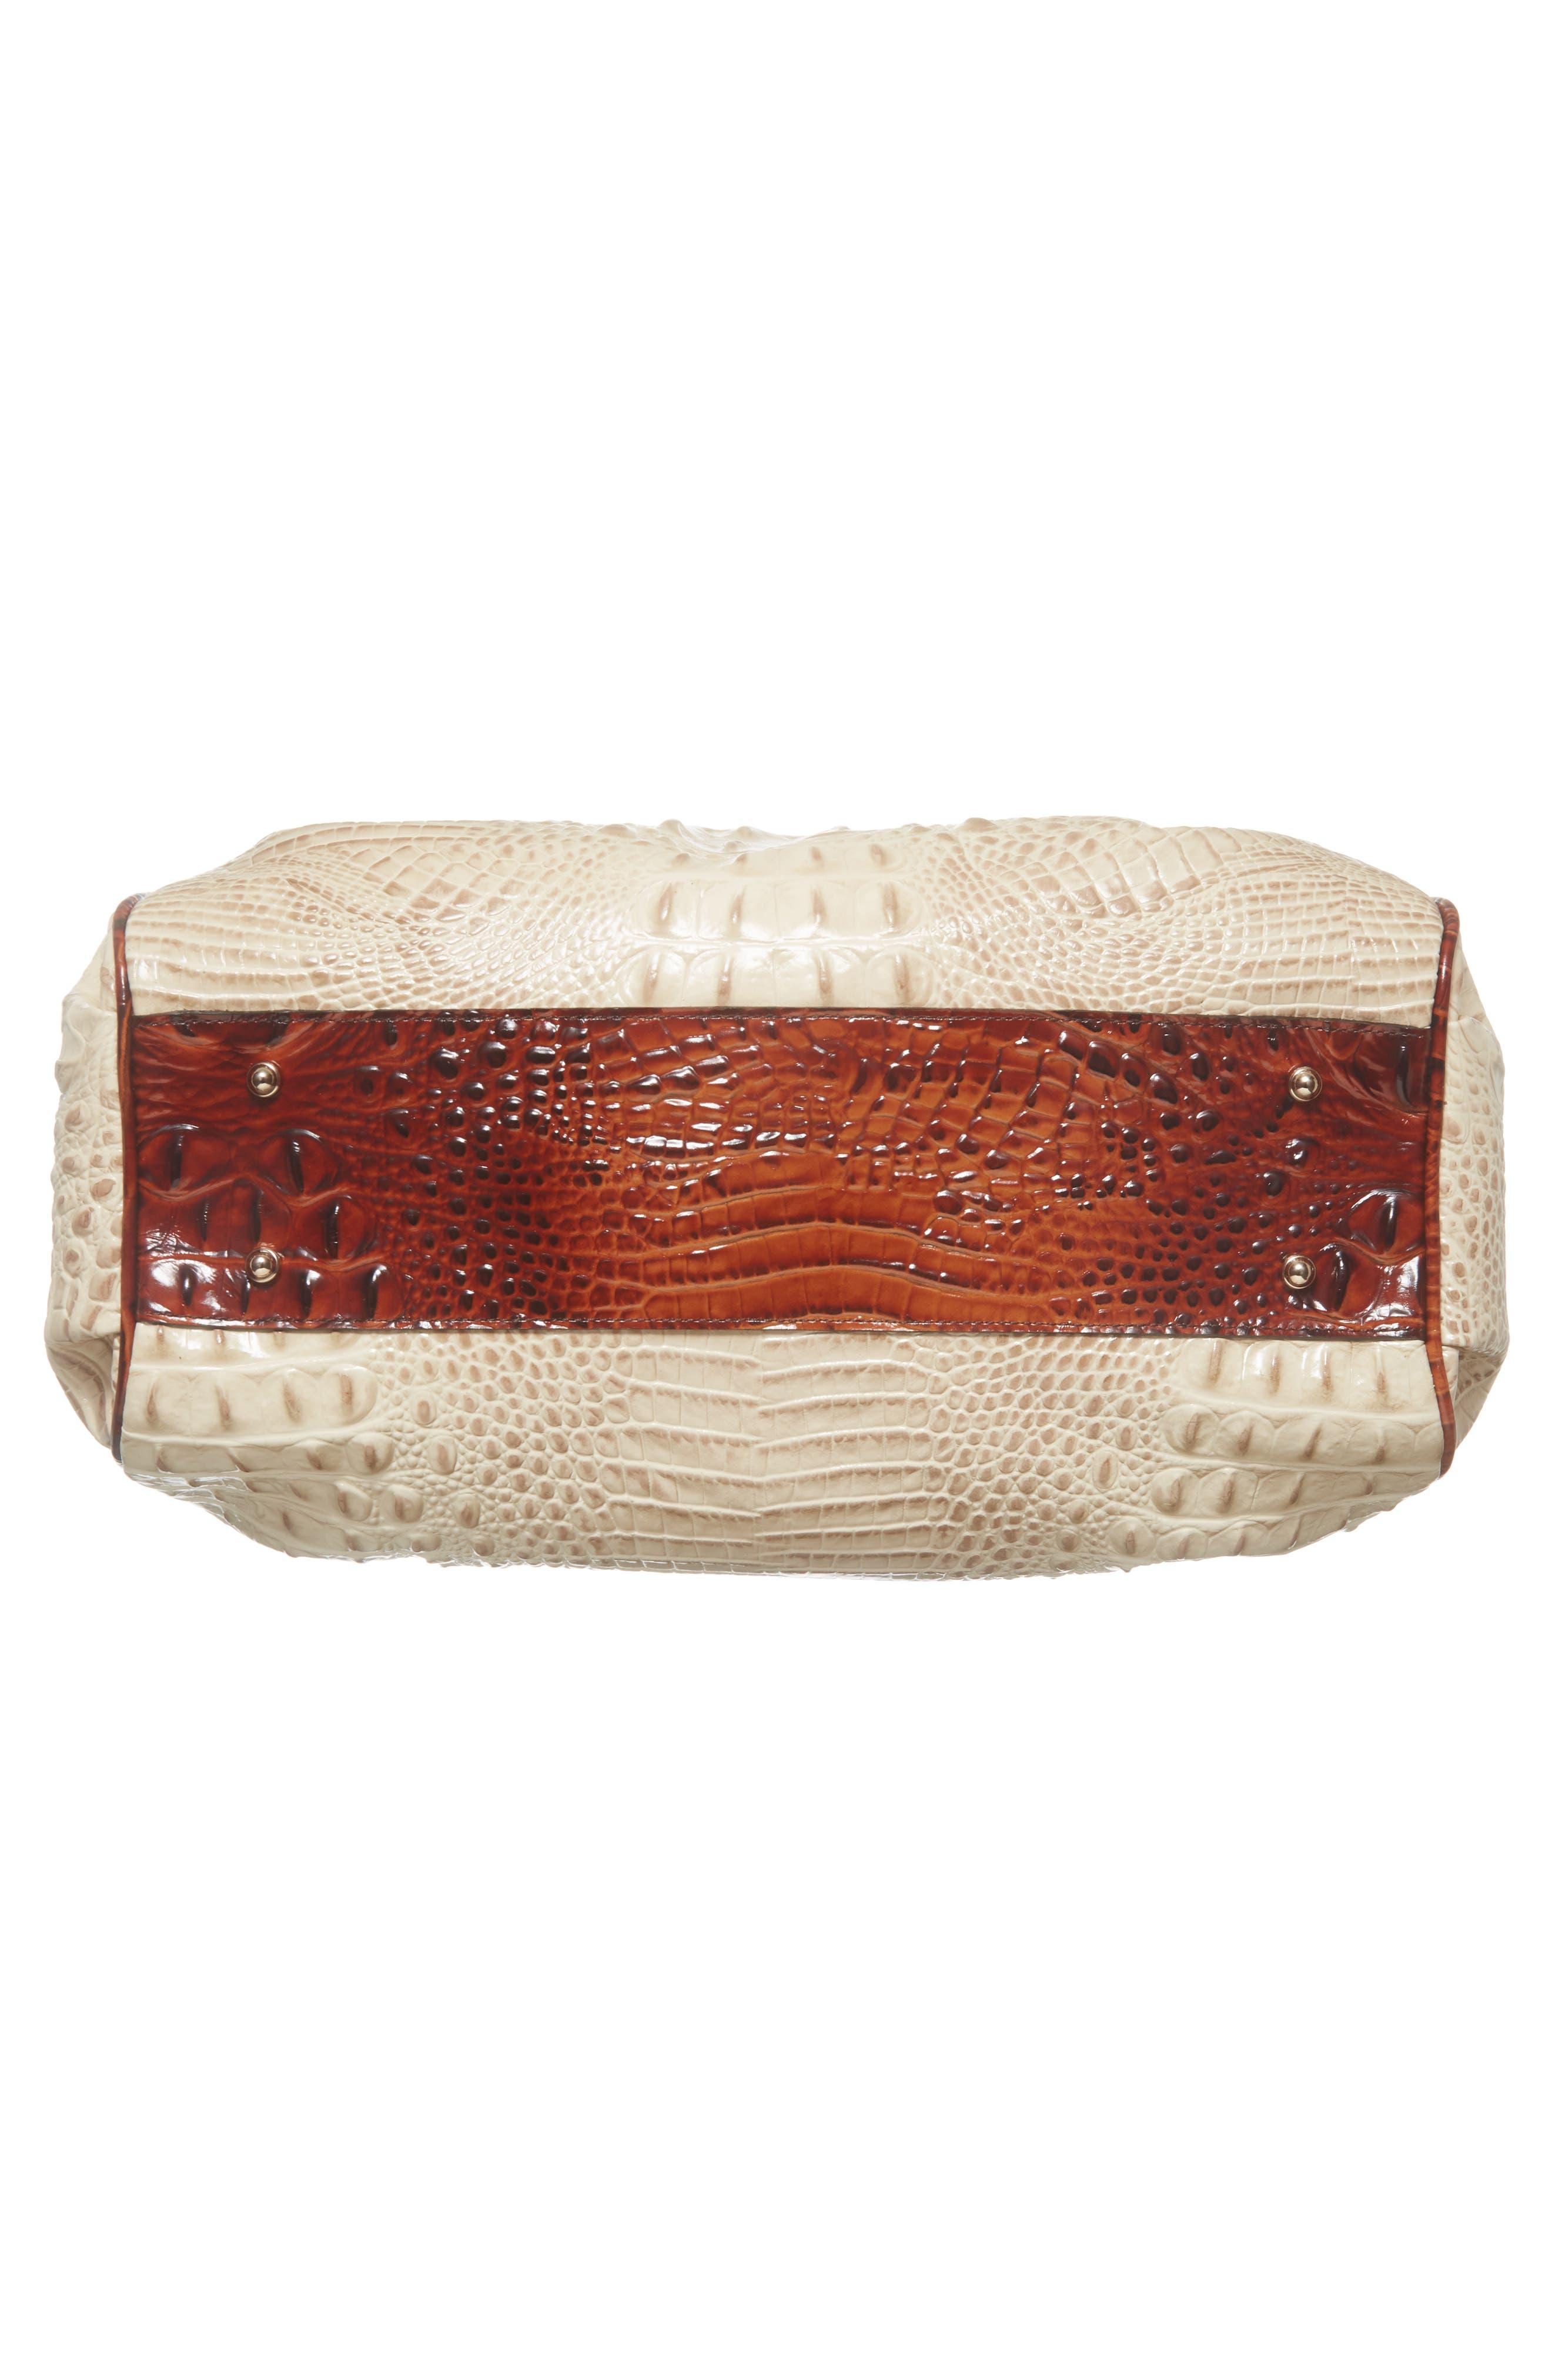 Elisa Leather Shoulder Bag,                             Alternate thumbnail 6, color,                             VANILLA